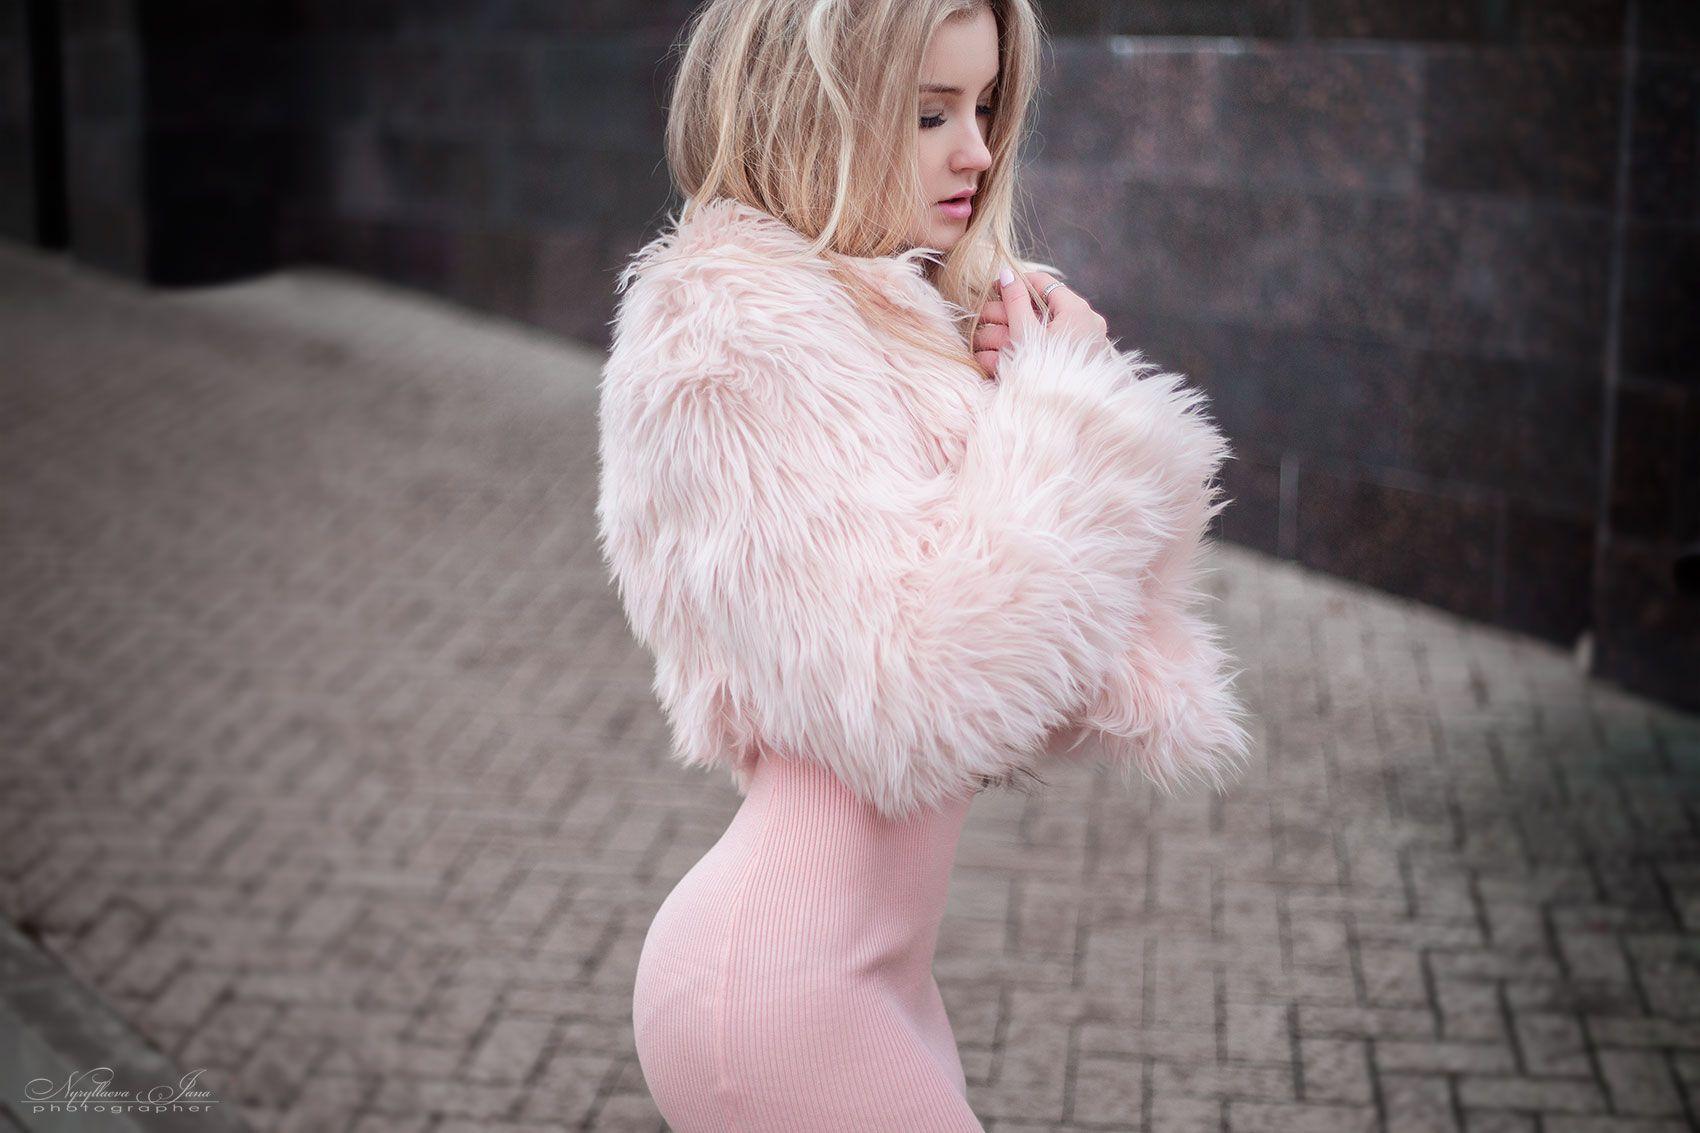 фотосессия барби фотосессиябарби розовый pink девушка красивая модель девушкаврозовом шуба блондинка, Нуруллаева Яночка